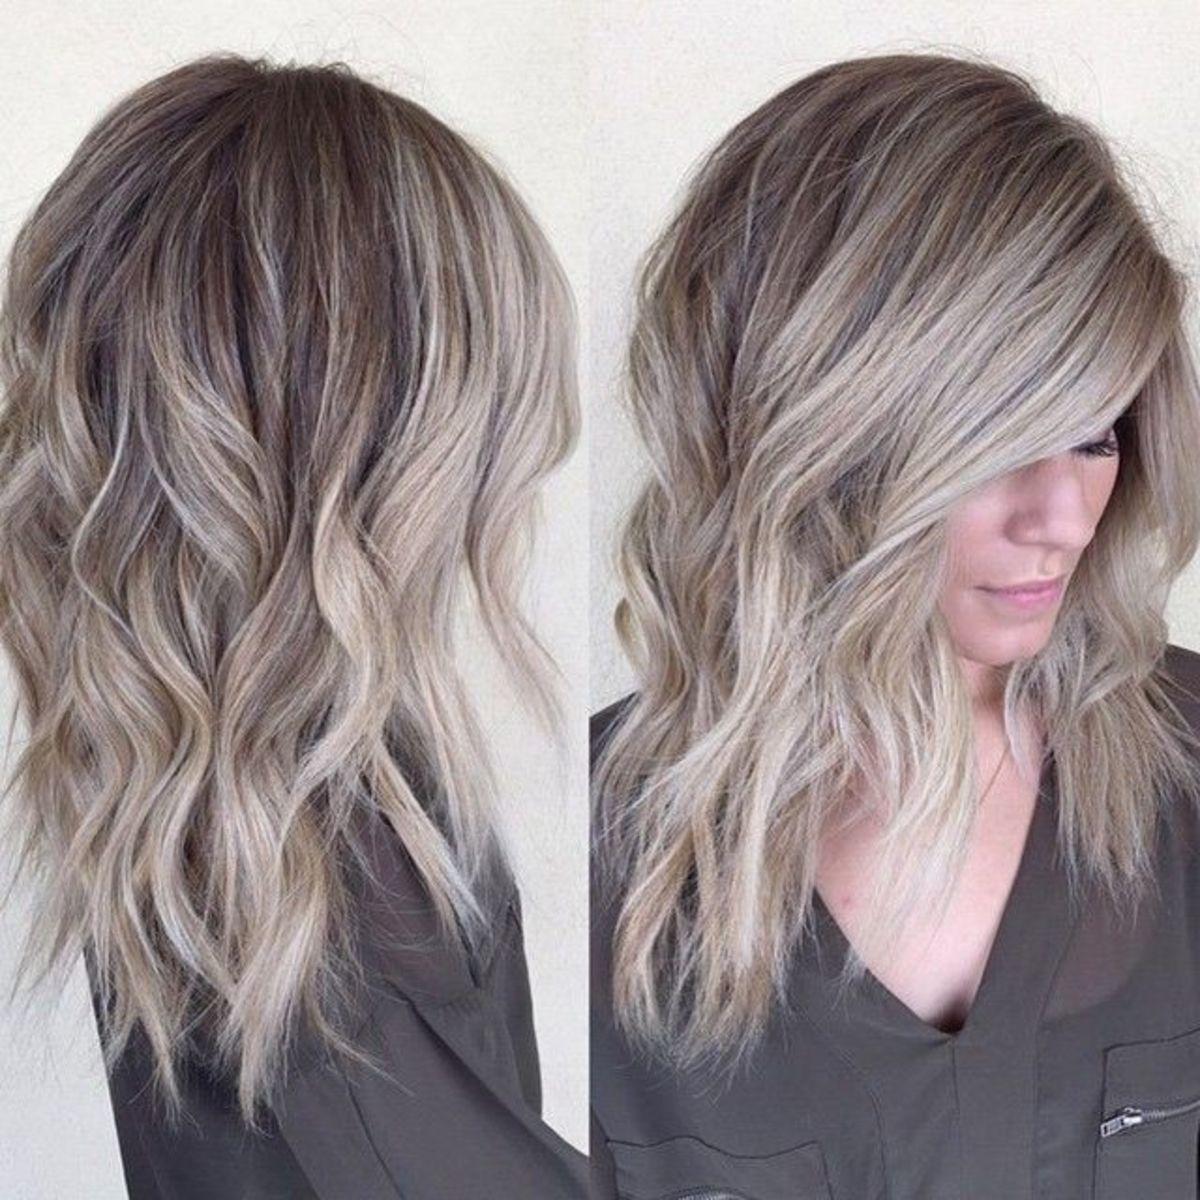 Gray Highlights